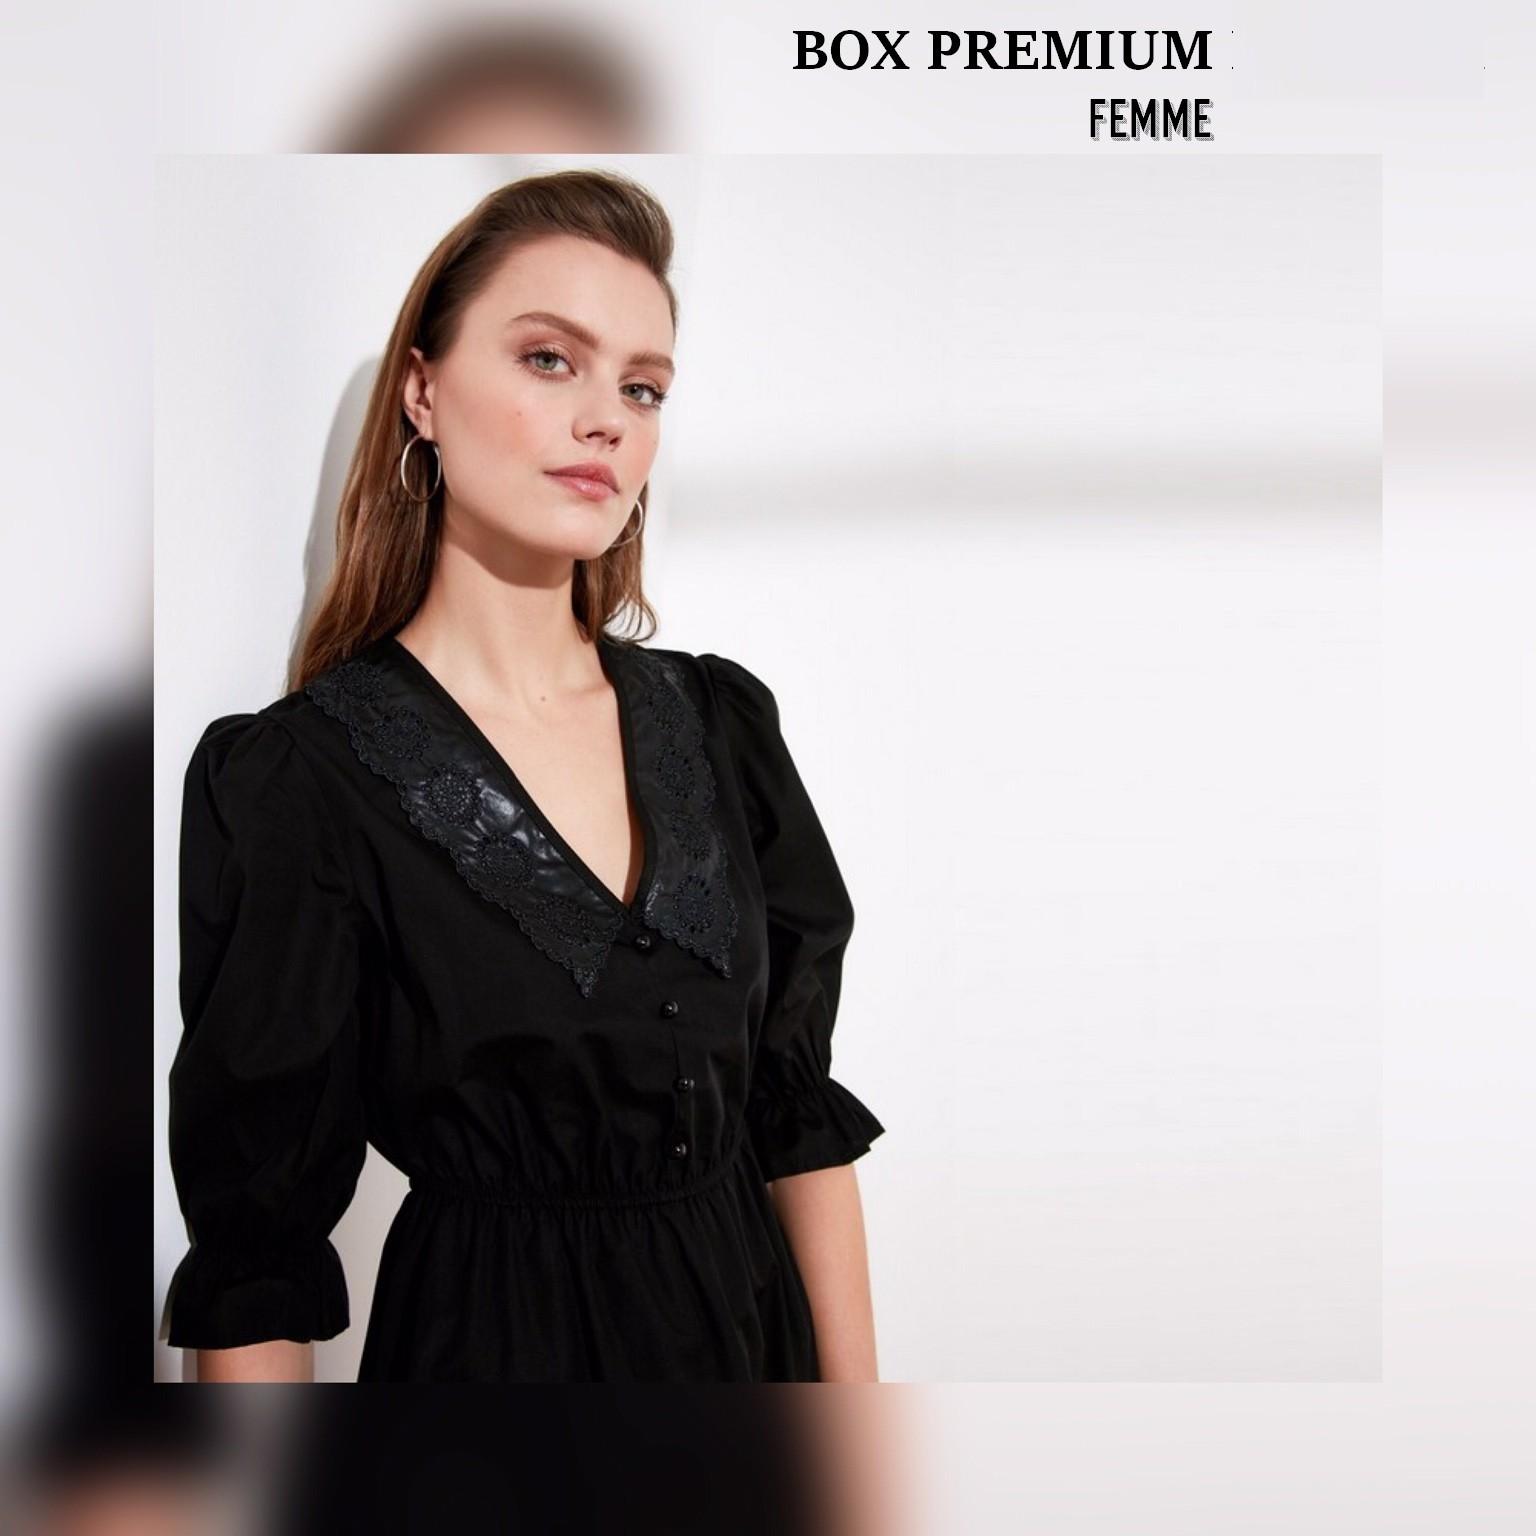 La Box Premium Luxe et Marque Femme du Mois